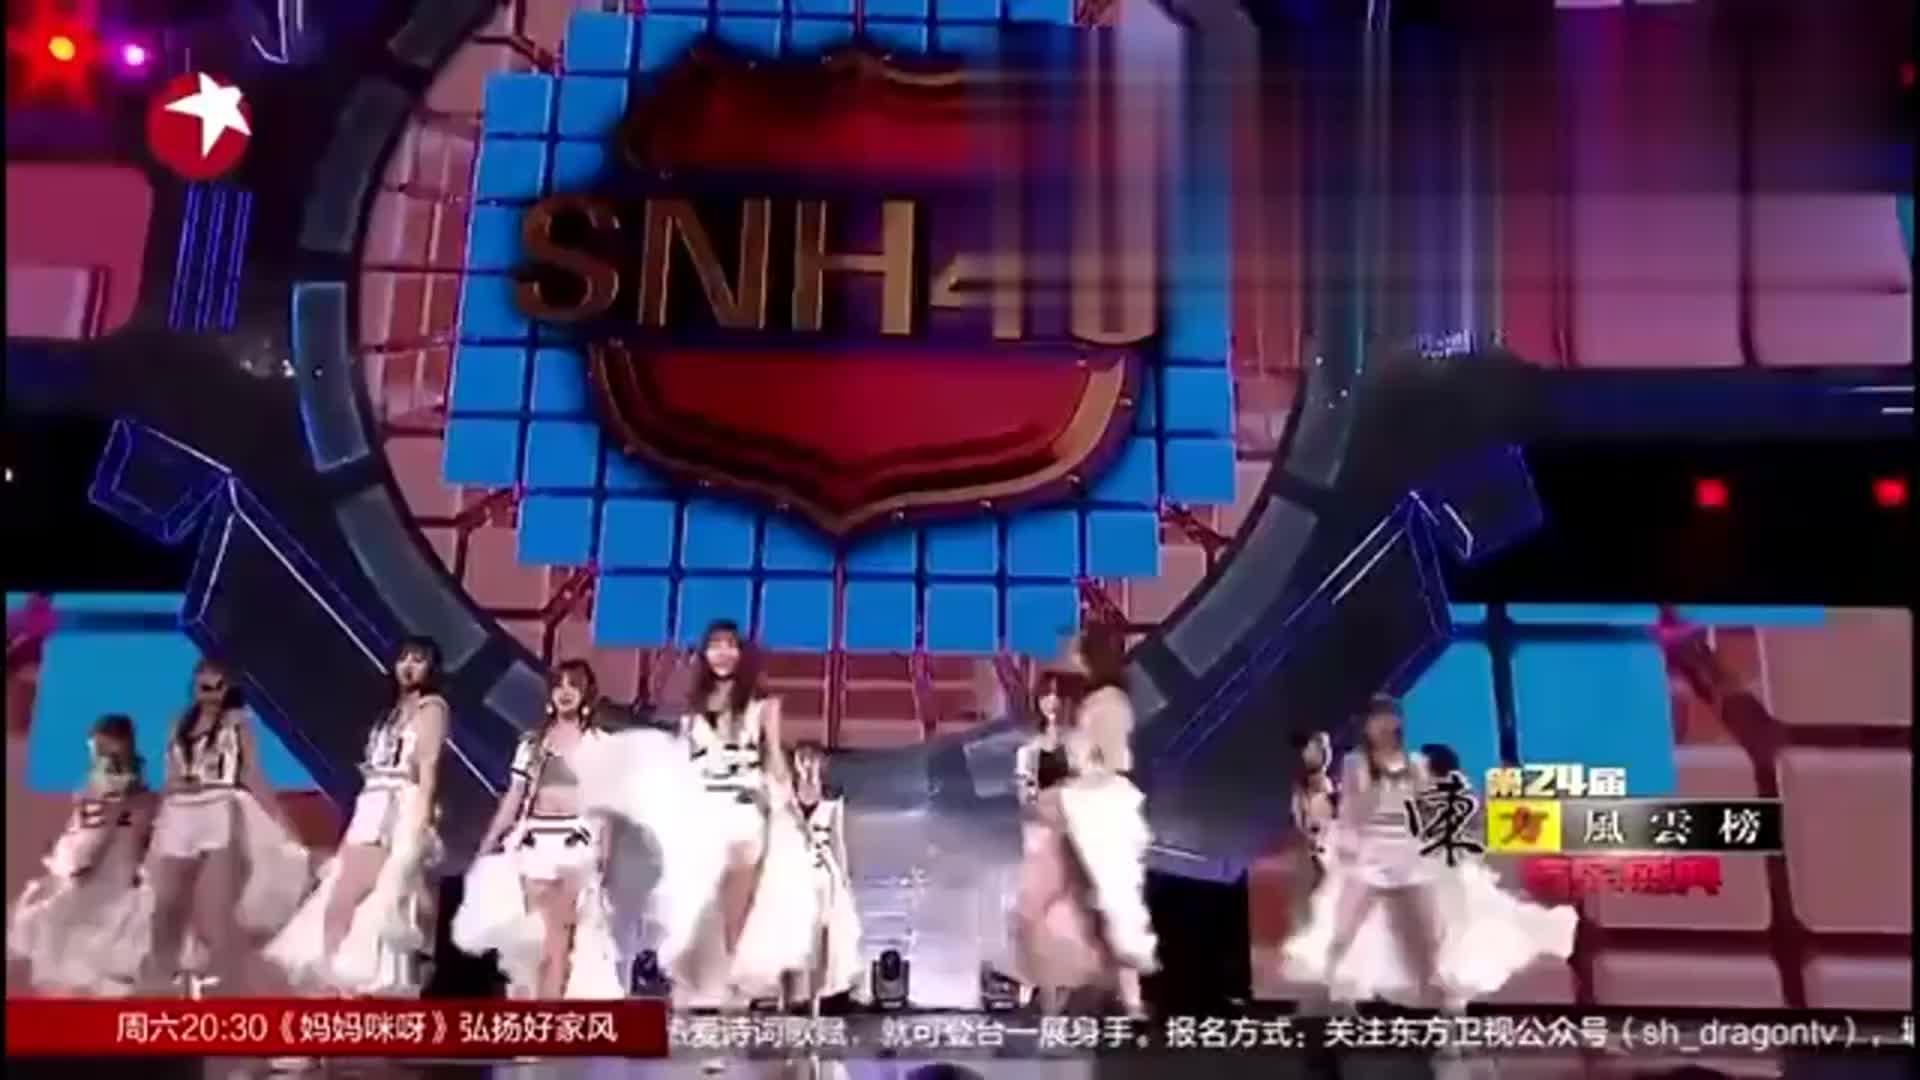 SNH48《公主披风》《GirlCrush》,青春活力,尽显魅力与不训!